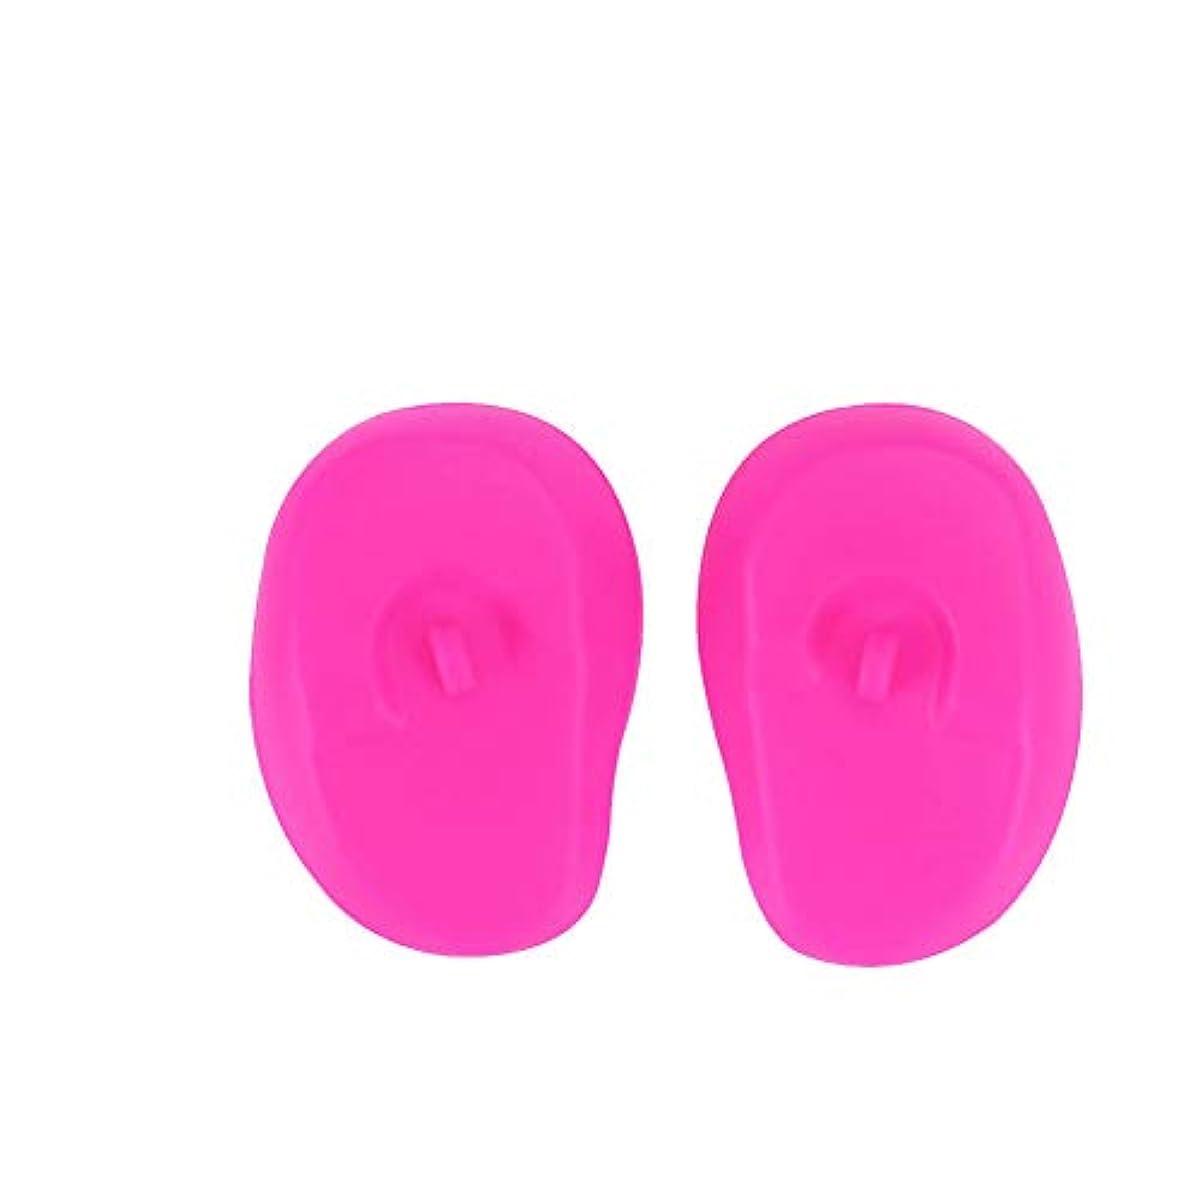 より多い臨検反対にSnner セルフヘアカラーセット 毛染め用 シャワーバスシャロン1pairを着色毛髪染料の染毛剤保護防水ヘッドフォン(ピンク)のシリコーンスリーブイヤーマフイヤーマフ耳カバー